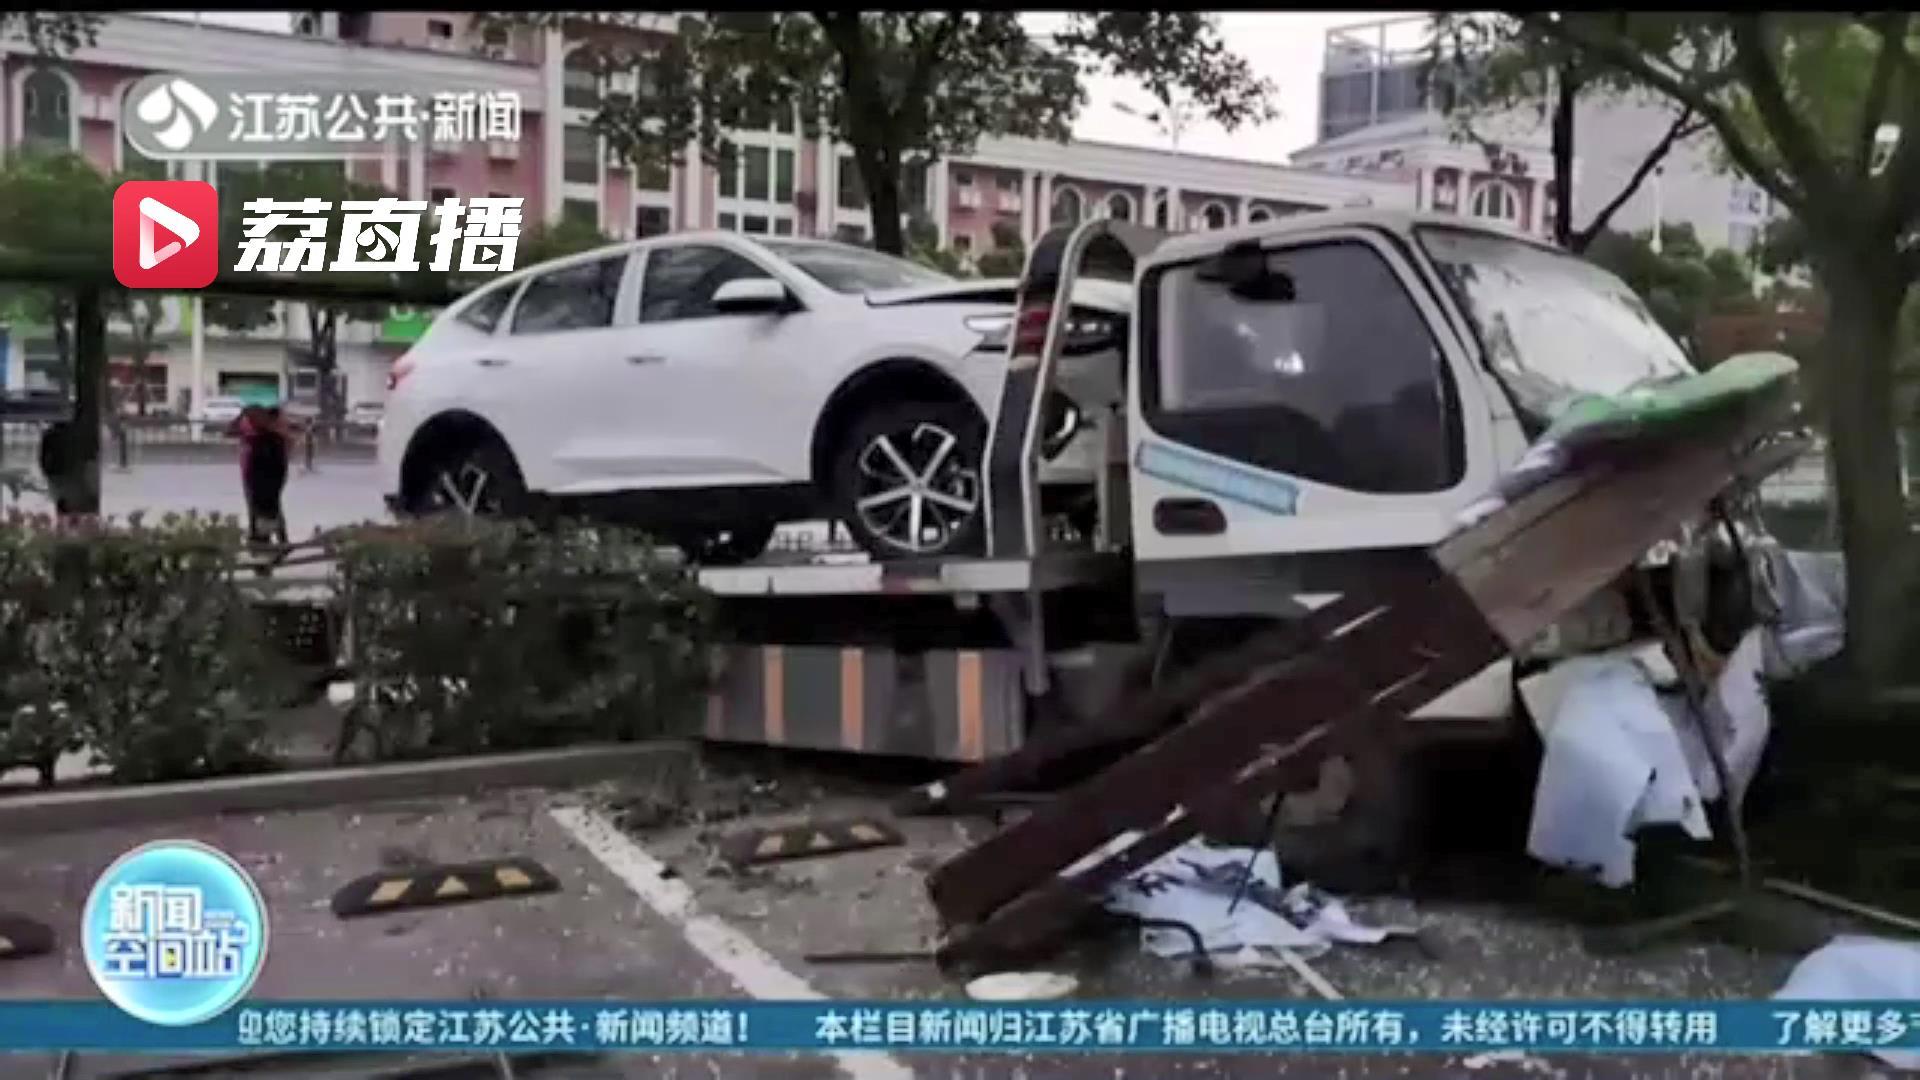 好危险!司机疲劳驾驶惹祸 拖车凌晨失控冲进医院